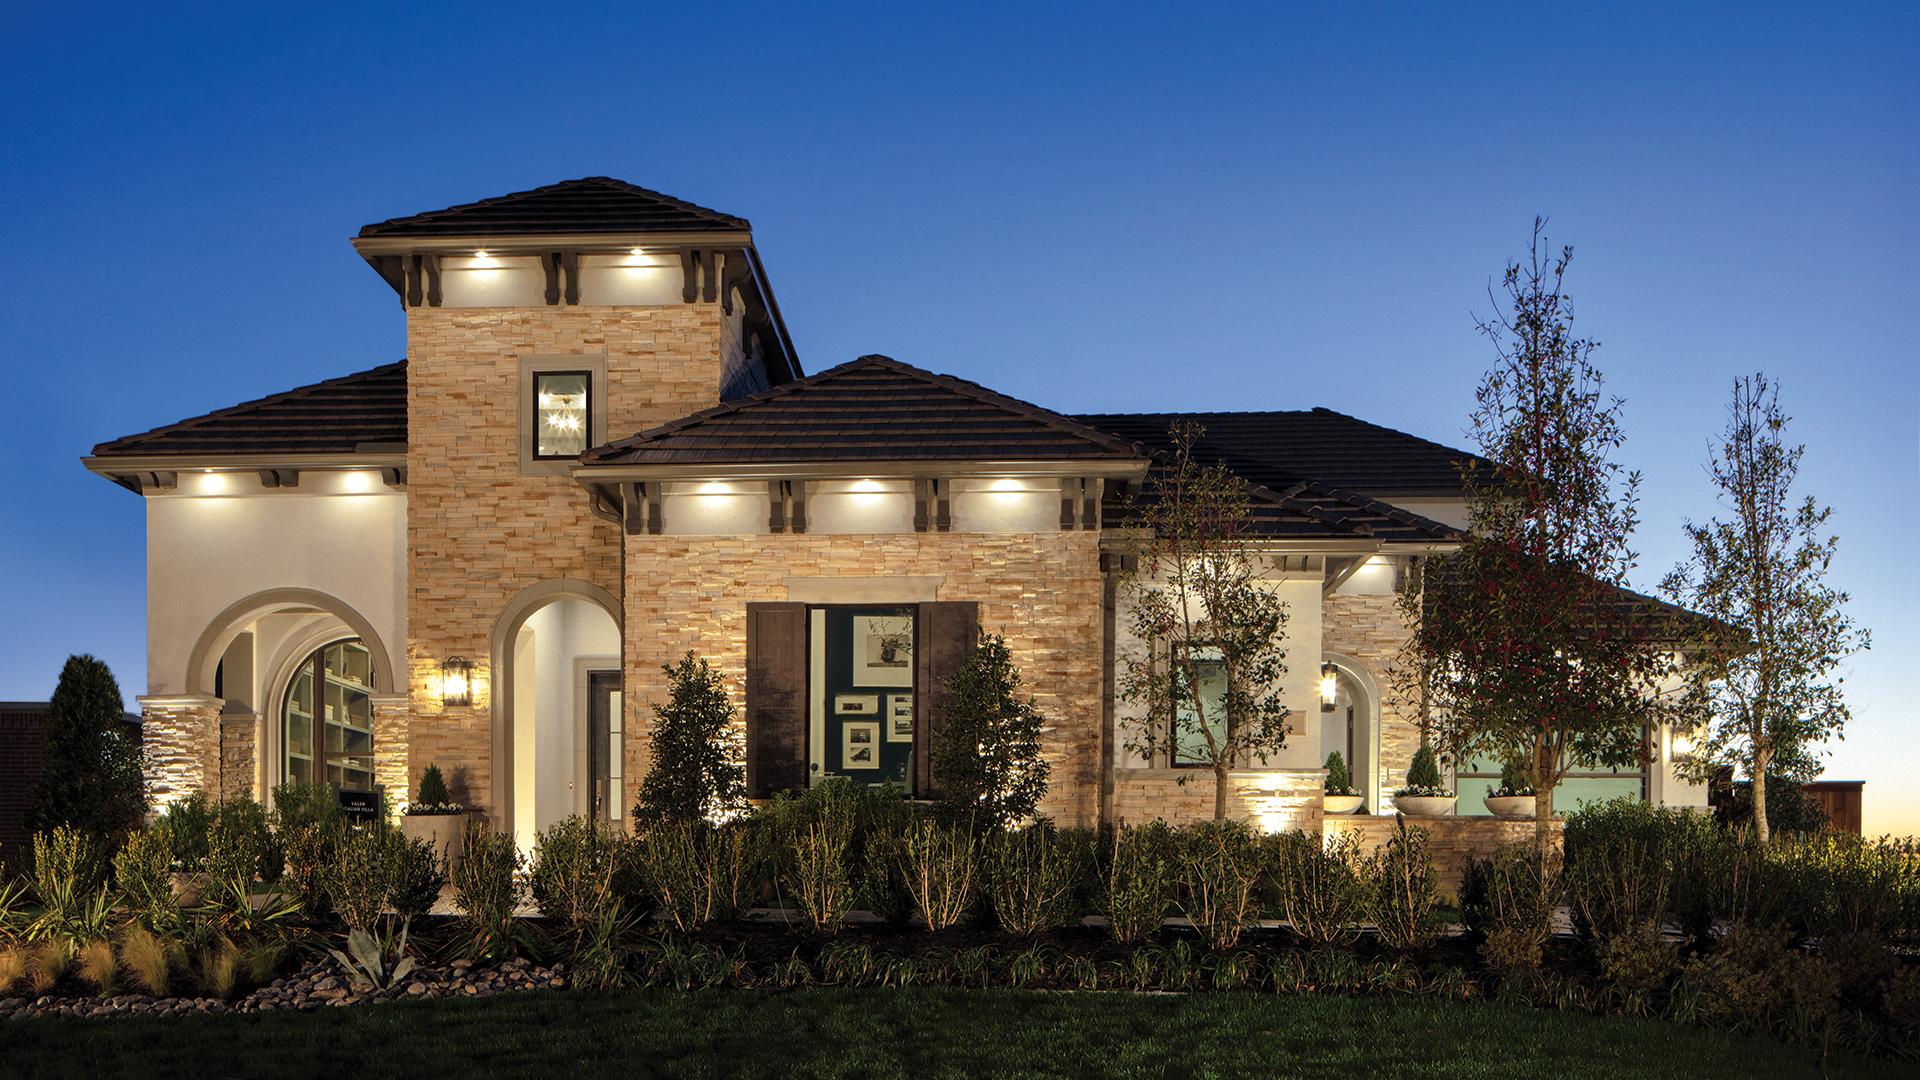 The Valen Italian Villa